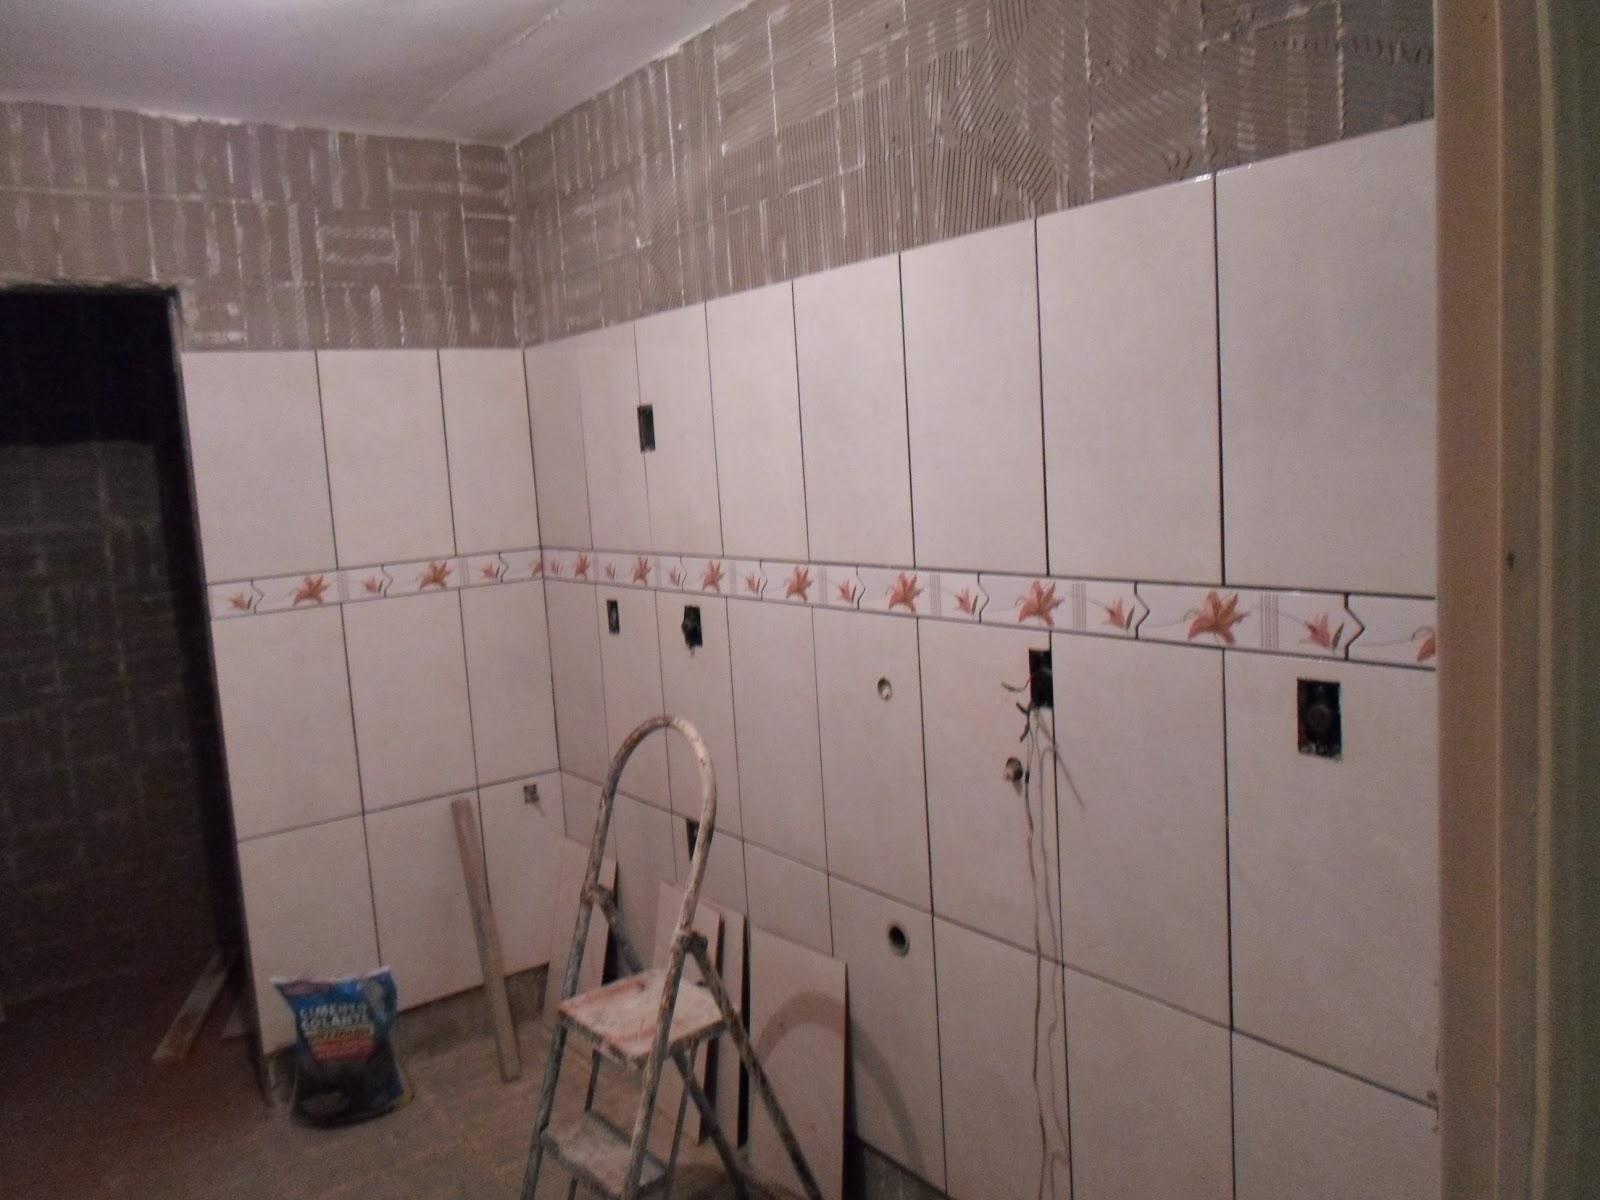 de banheiro leroy merlin:Amor em decoração: Colocação dos azulejos  #624C42 1600x1200 Azulejo Vidro Banheiro